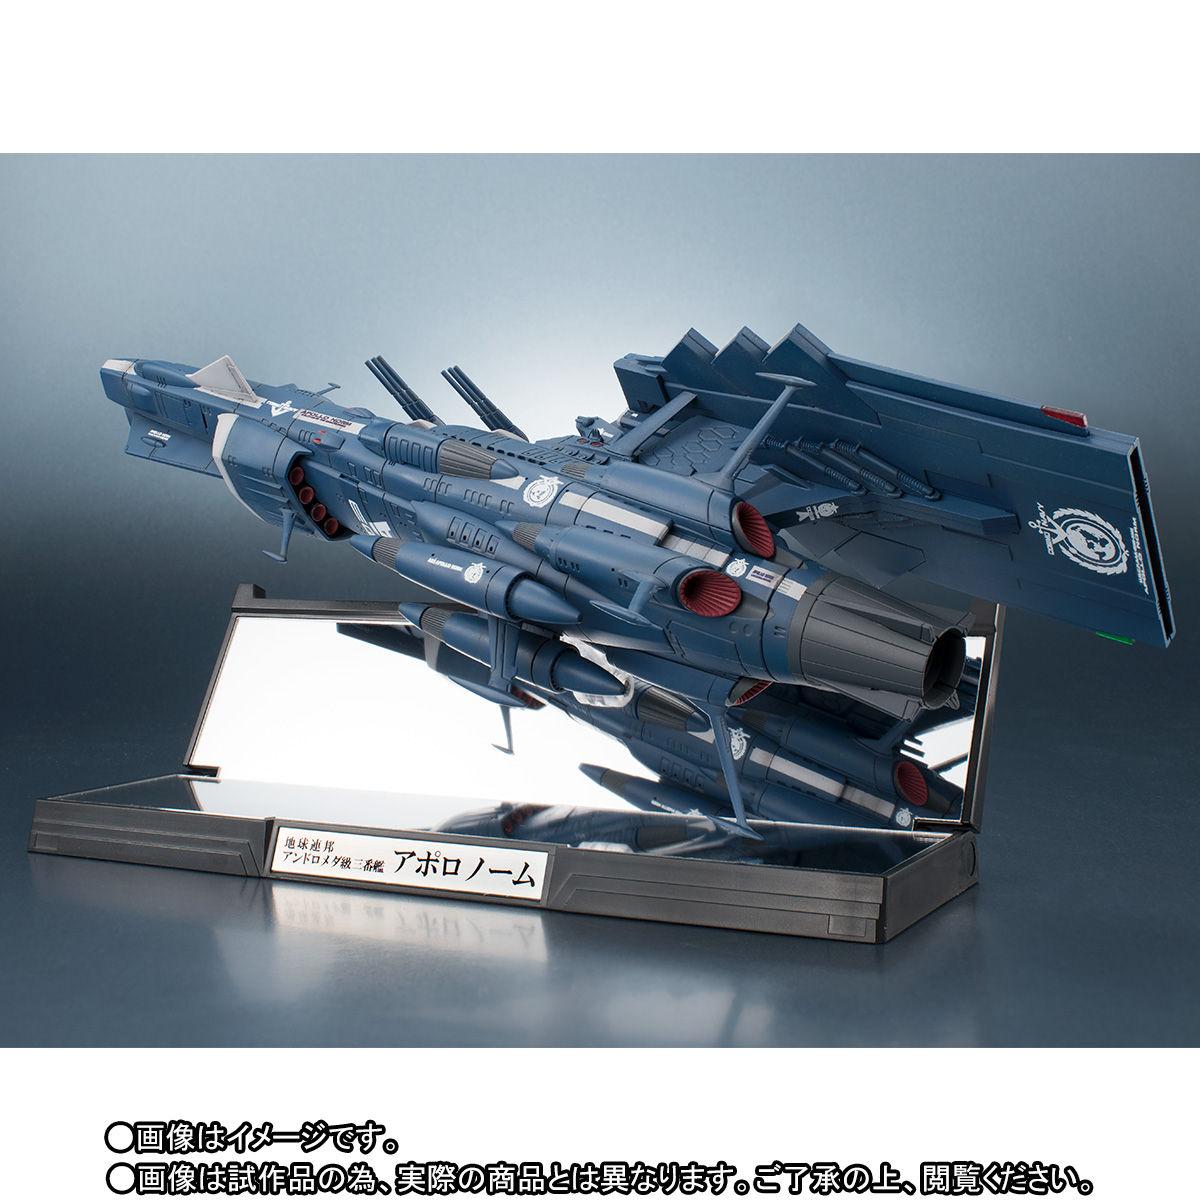 輝艦大全『地球連邦アンドロメダ級三番艦 アポロノーム 宇宙戦艦ヤマト2202』1/2000 完成品モデル-009